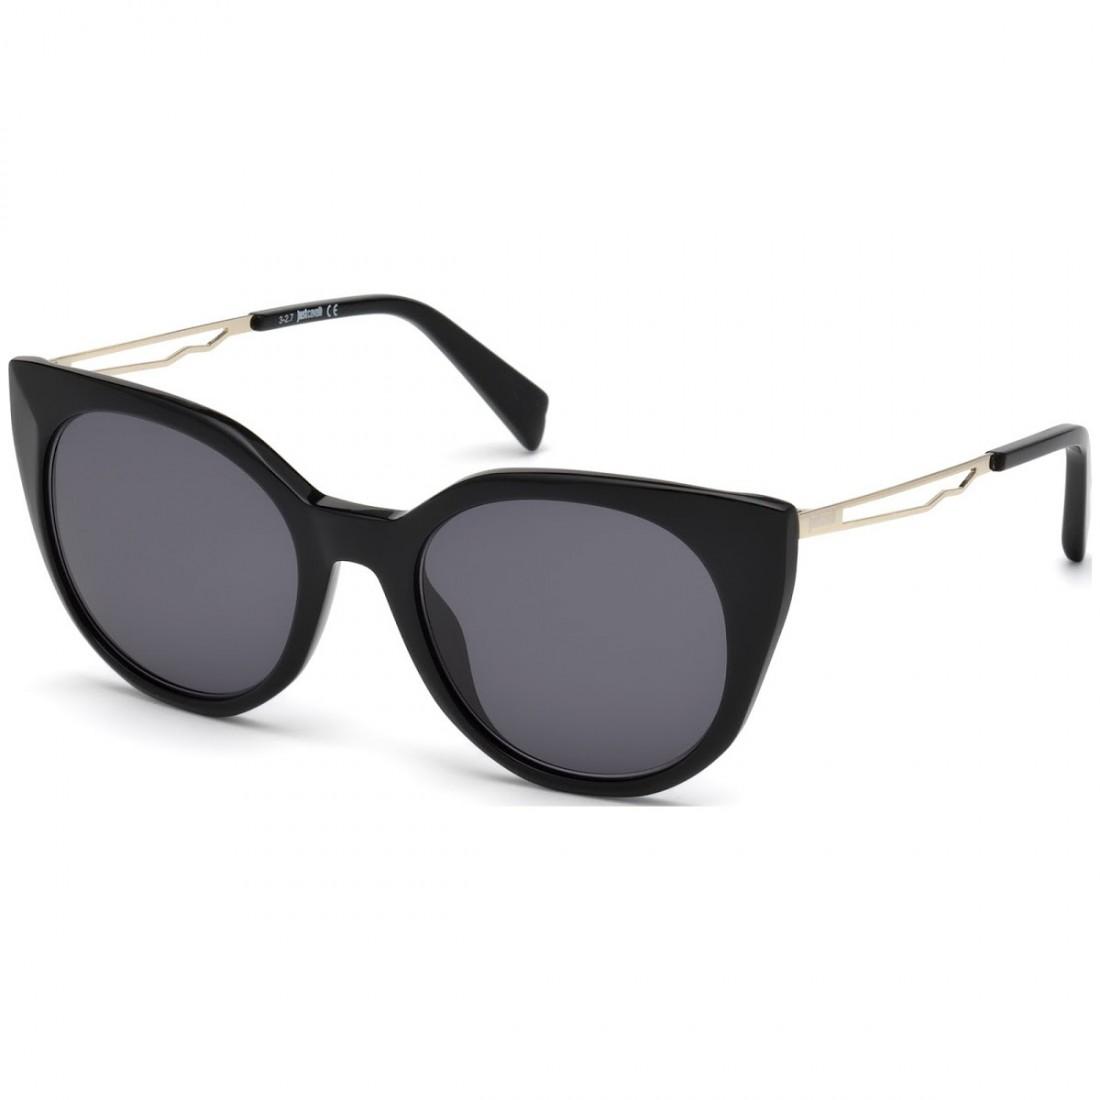 Ochelari de soare, de dama, Just Cavalli JC842S 01A 53 Negru Just Cavalli Ochelari de soare